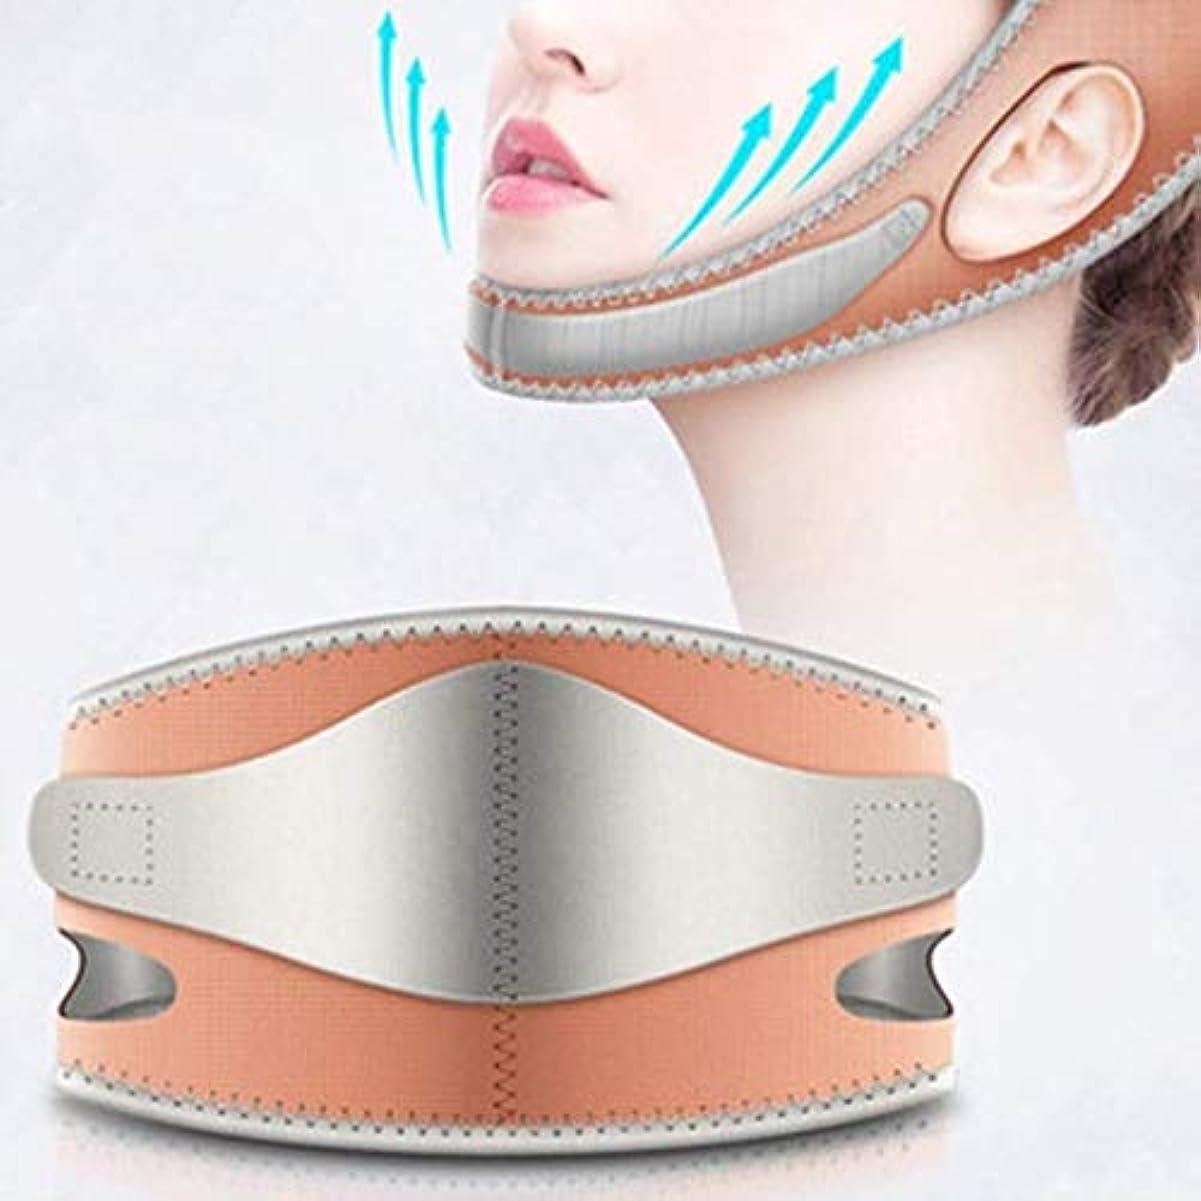 ケニアヨーグルト委任フェイスリフティング痩身Vフェイスマスクフルカバレッジ包帯減らす顔の二重あごケア減量美容ベルト通気性